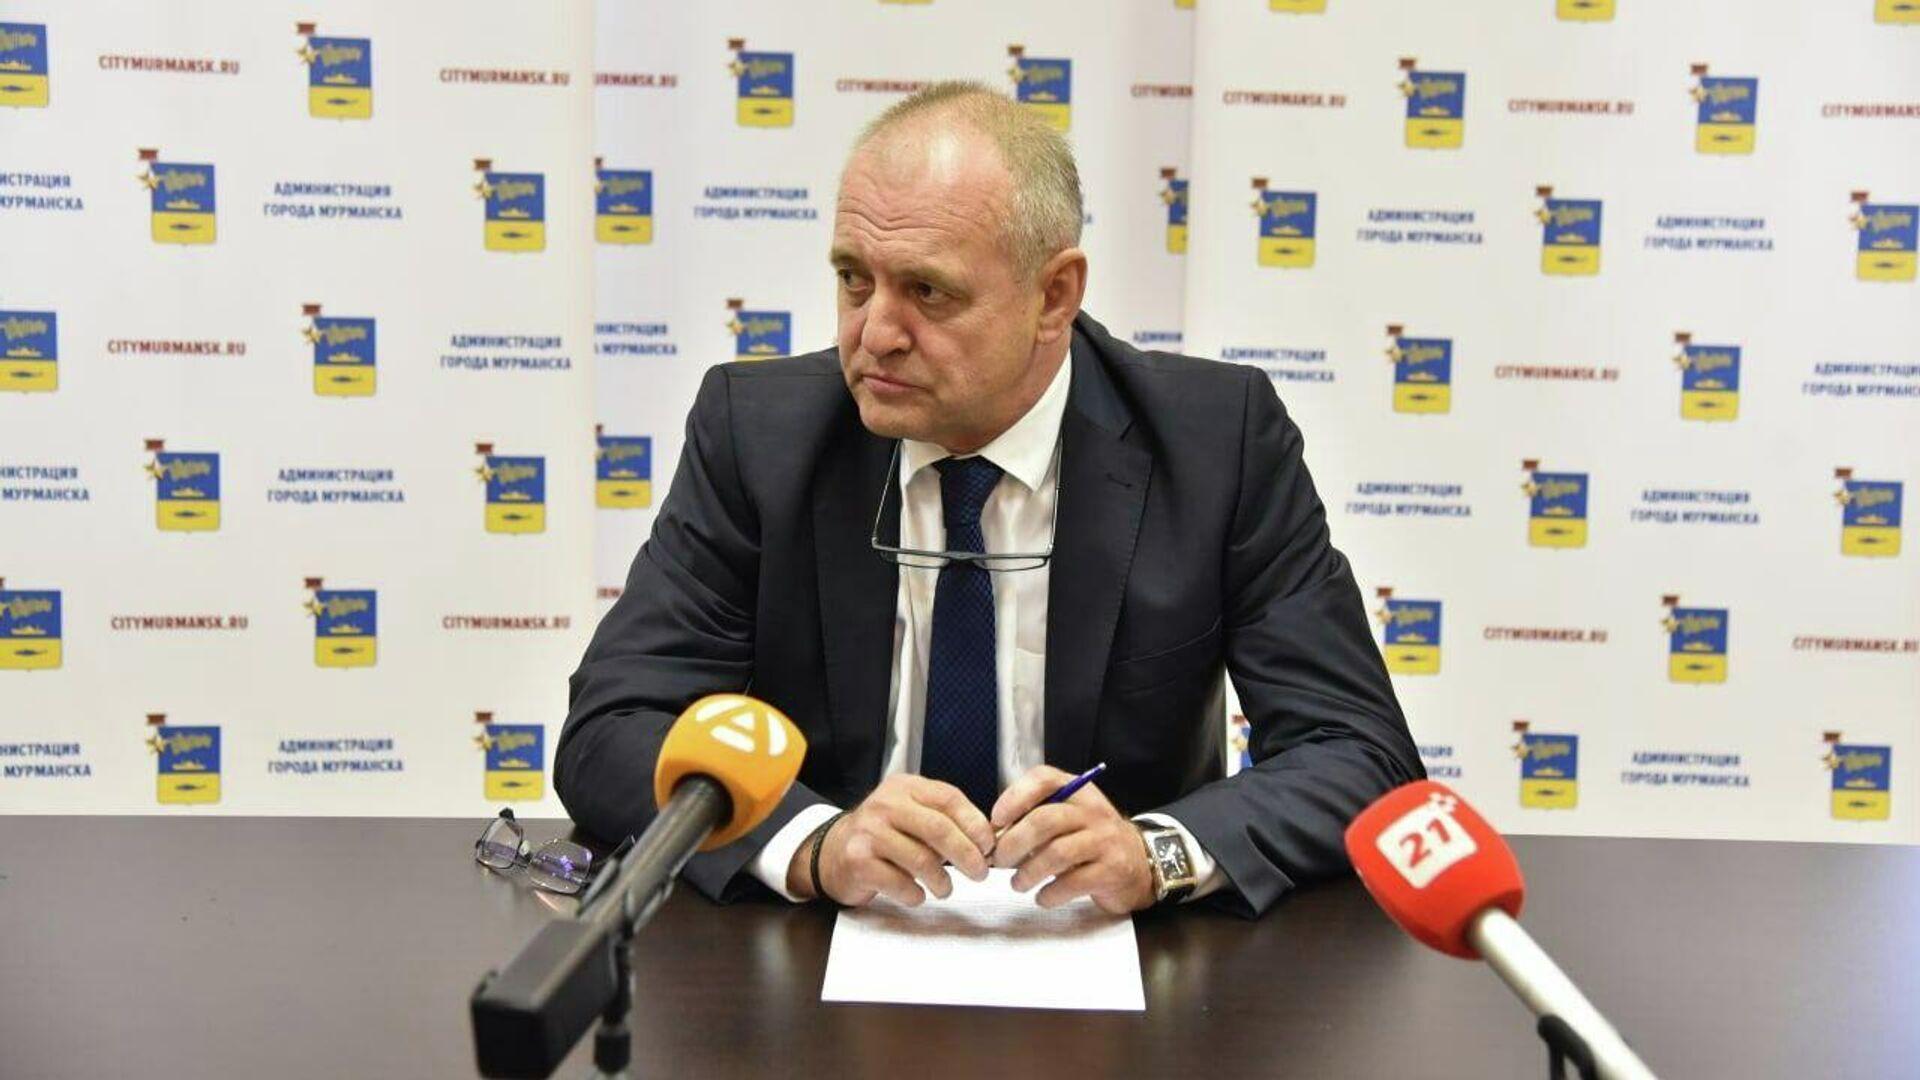 Мэр Мурманска Андрей Сысоев уходит в отставку